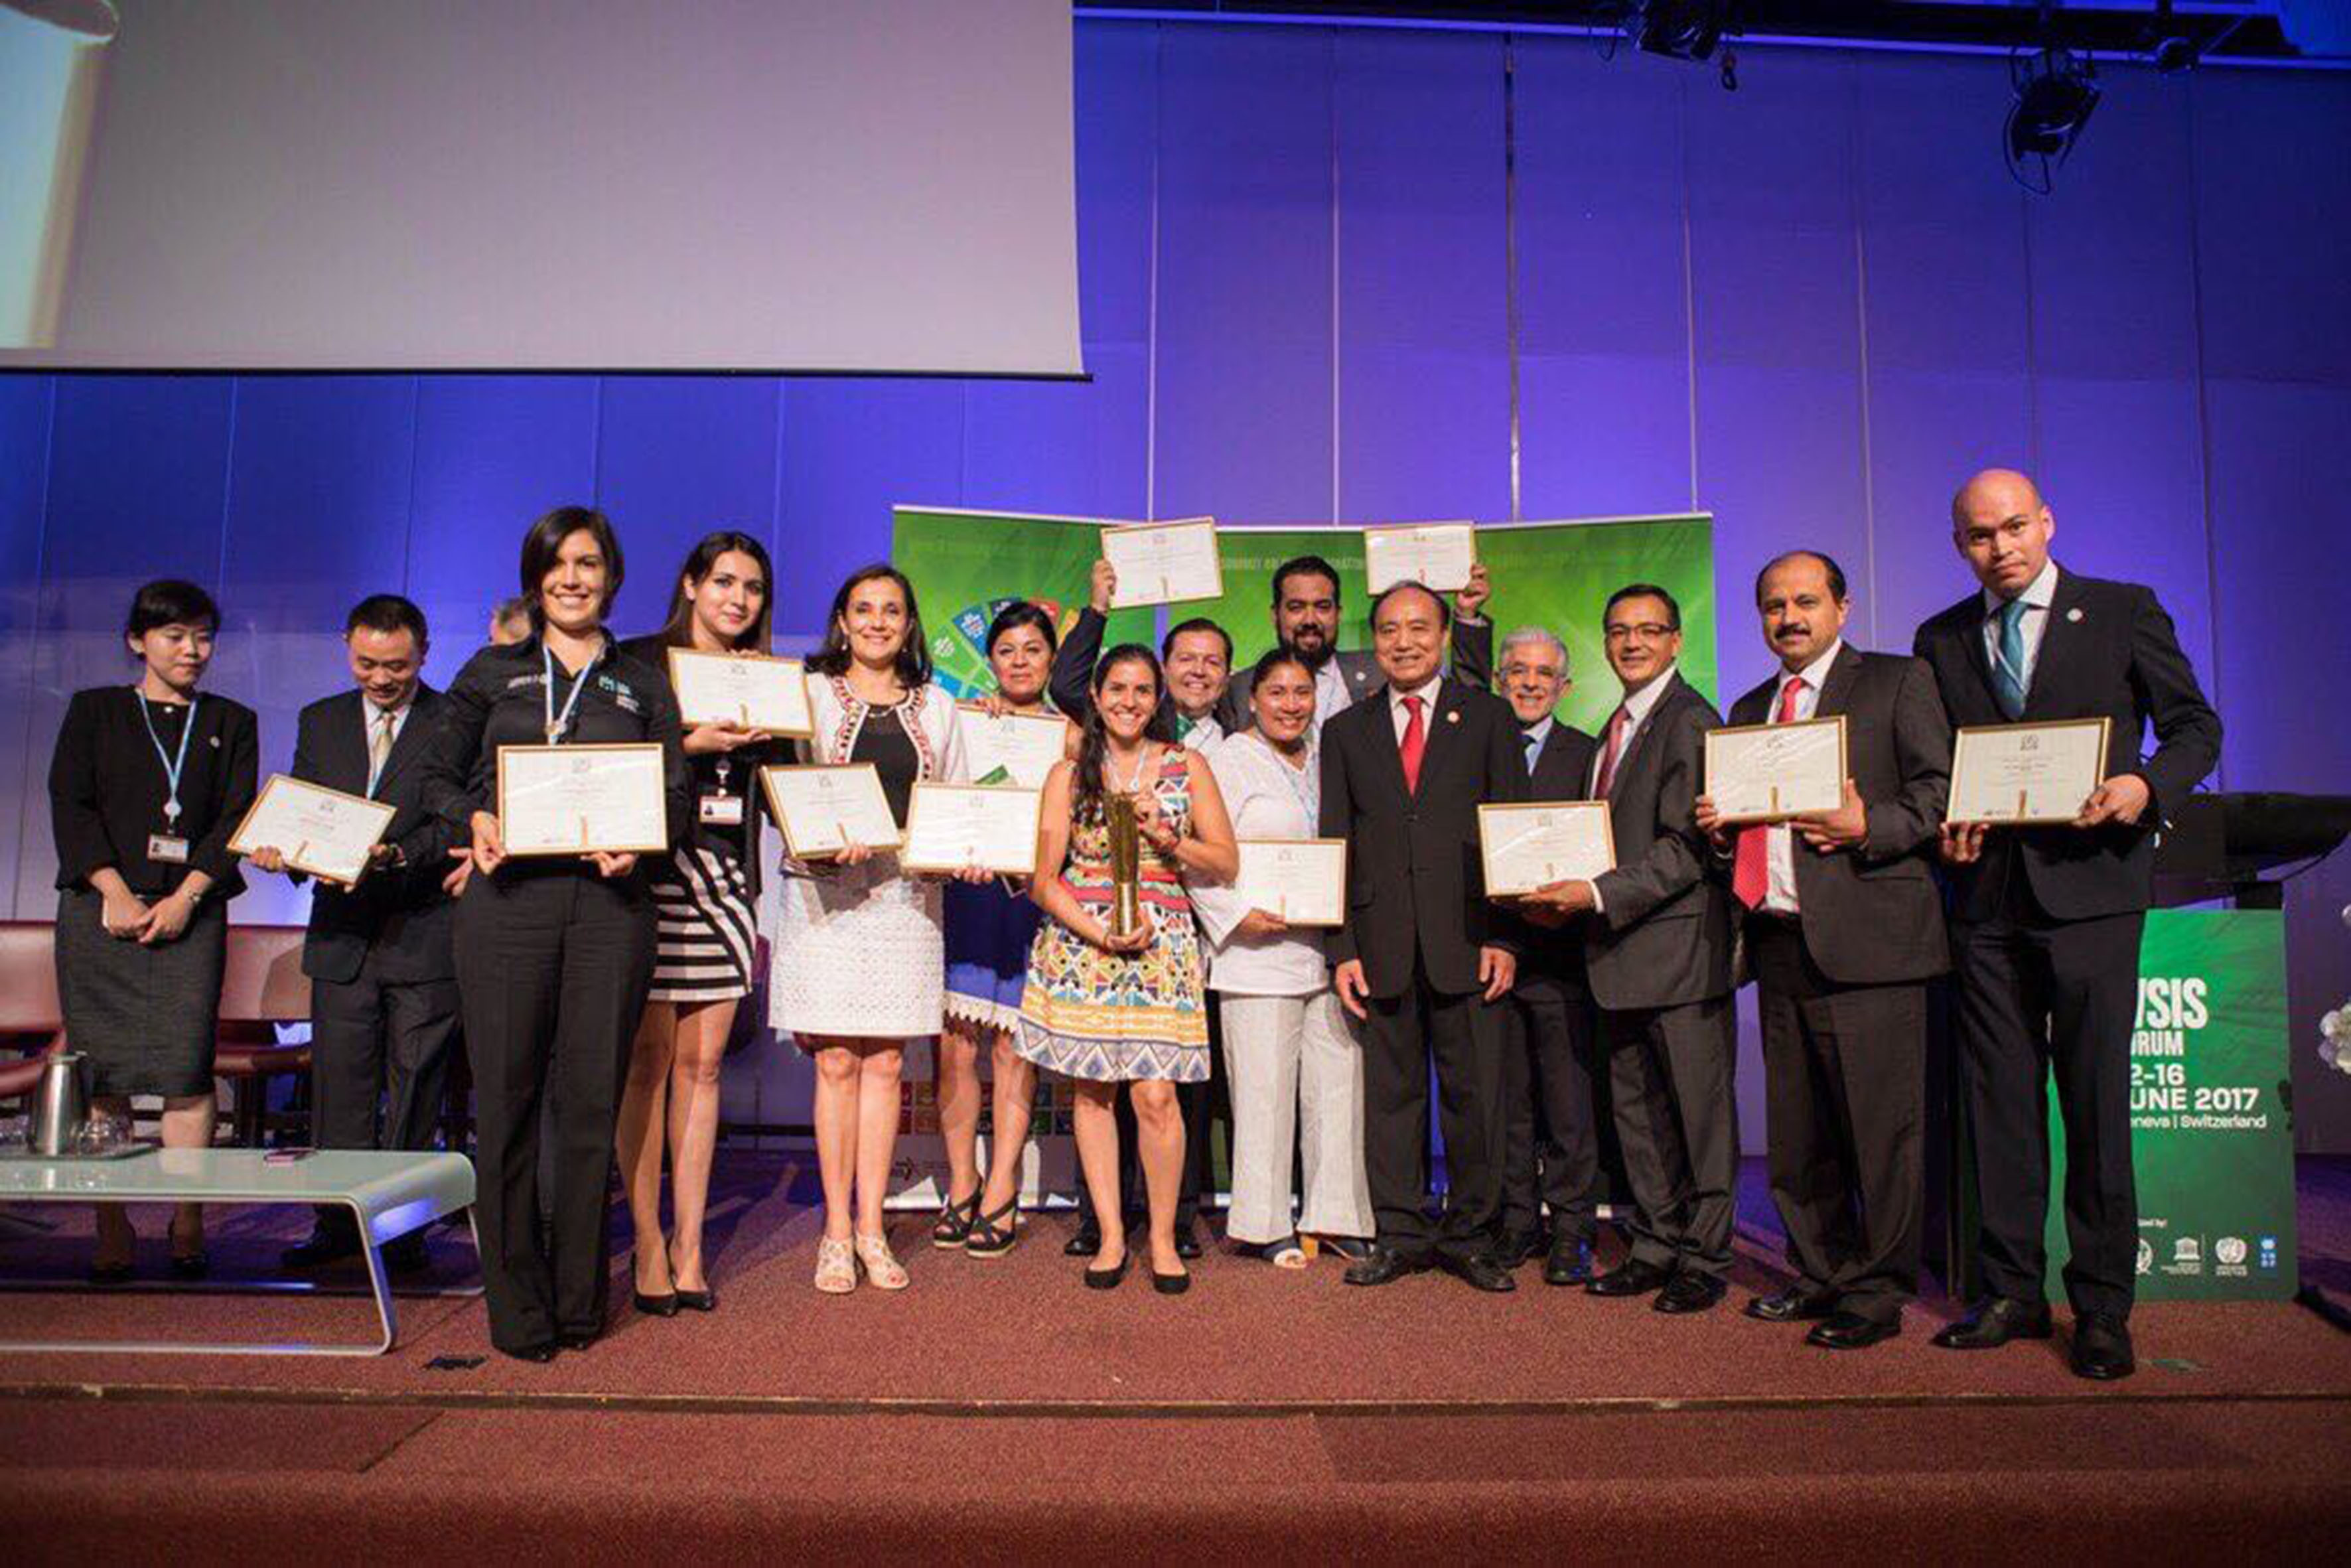 Ganadores del premio de la Unión Internacional de Telecomunicaciones (UIT), en el marco de la Cumbre Mundial de la Sociedad de la Información 2017 (WSIS por sus siglas en inglés).